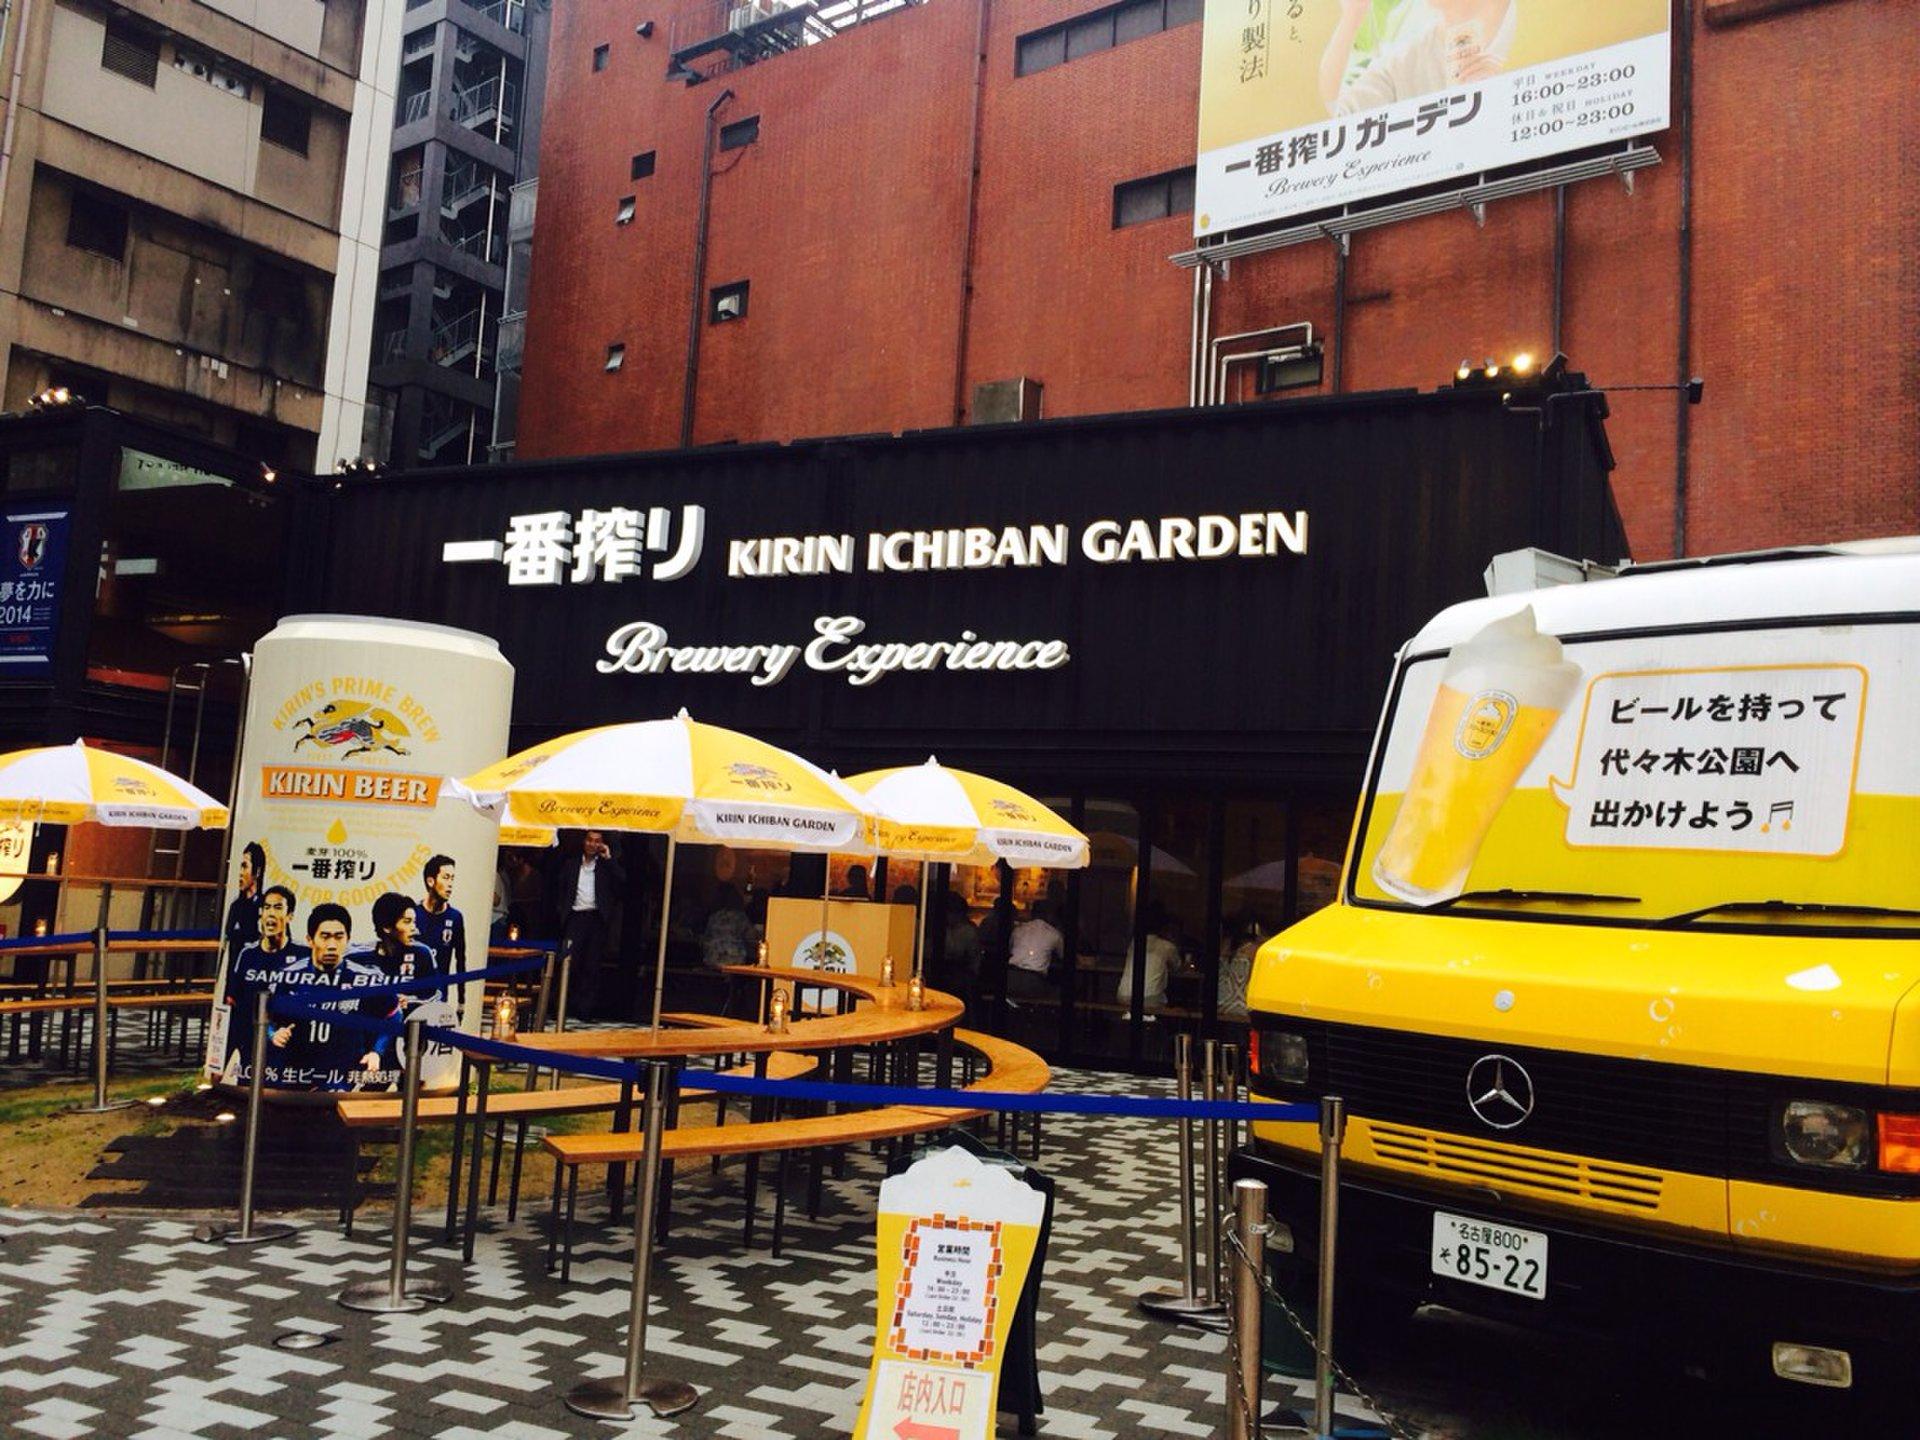 【渋谷でビアガーデン】今、話題の『キリン一番搾りガーデン』で飲んできた!